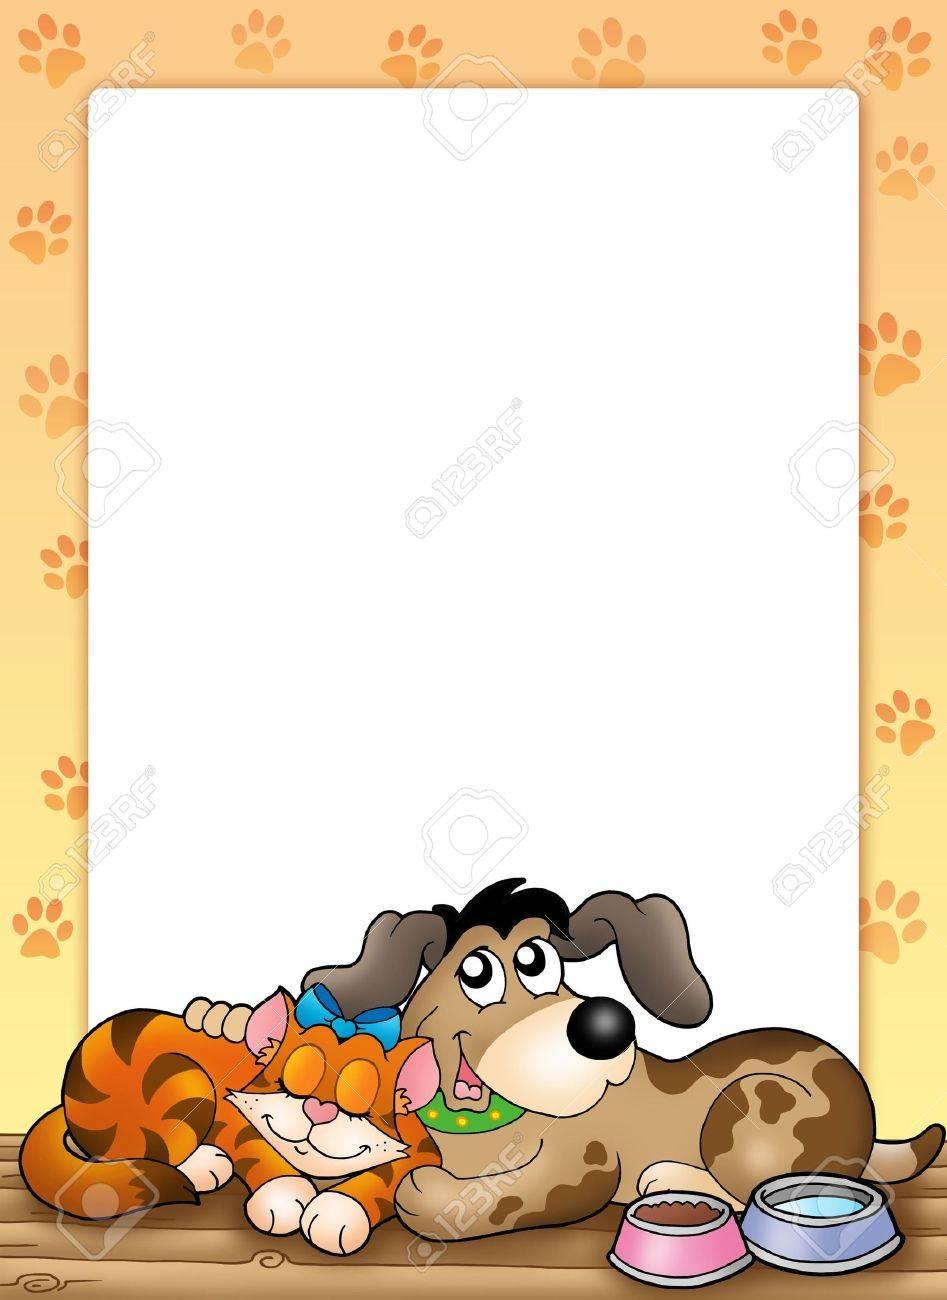 Marco Con Lindo Gato Y Perro - Ilustración En Color. Fotos, Retratos ...